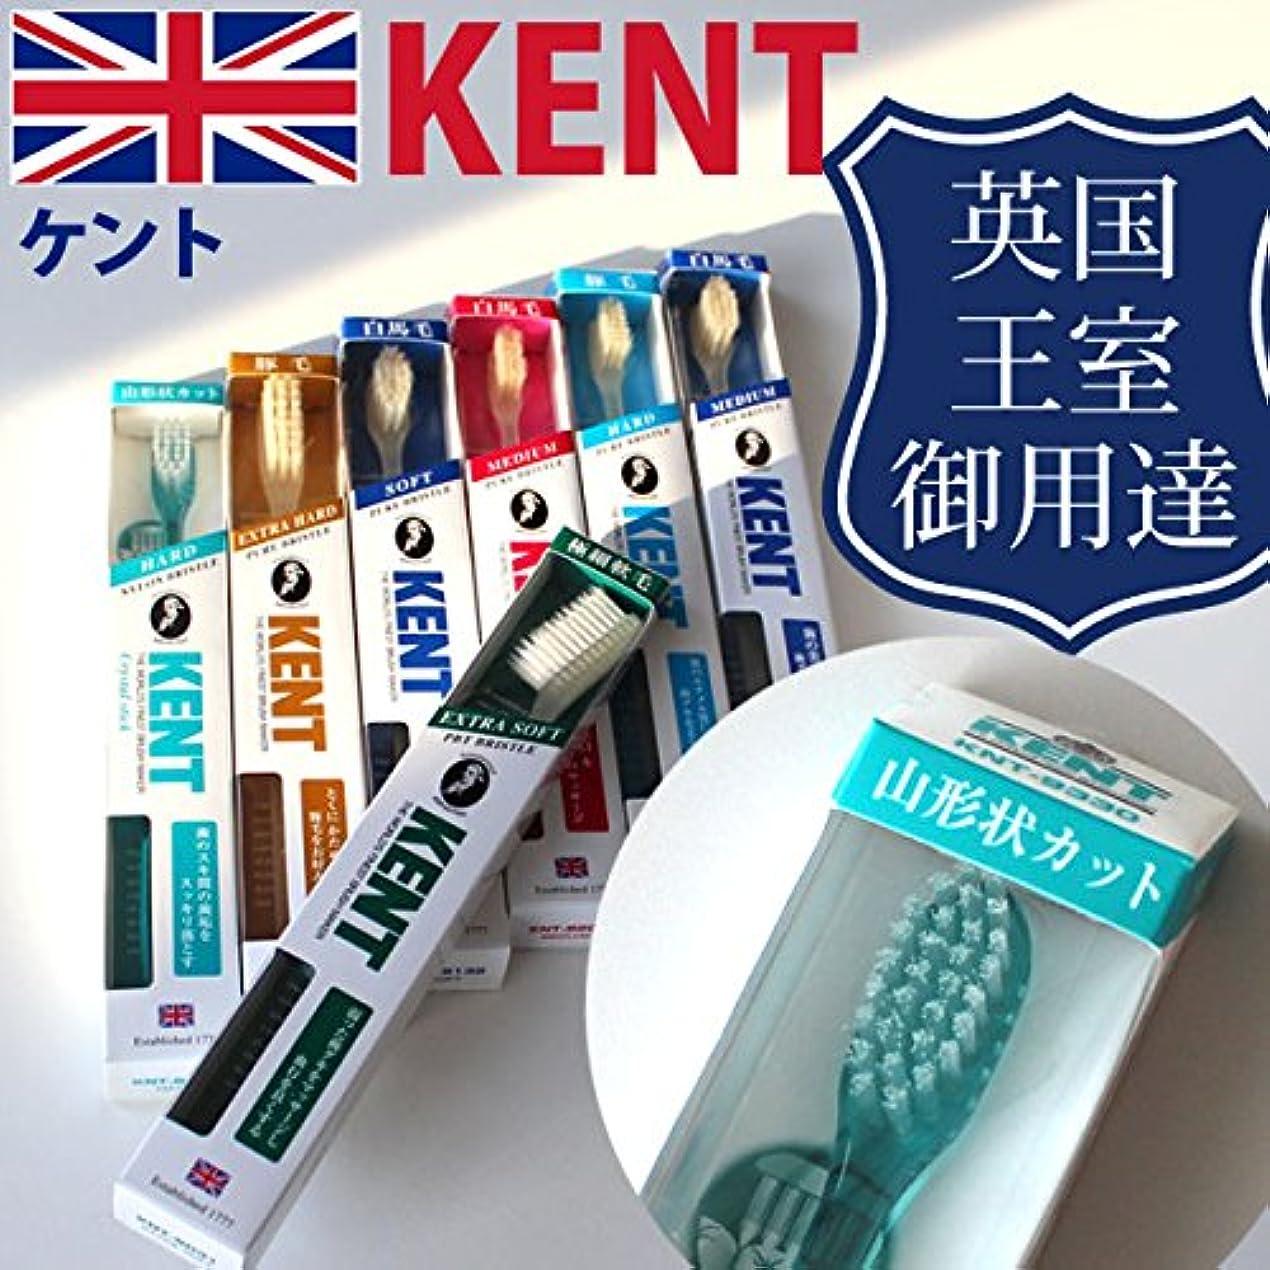 毒アフリカはさみケント KENT クリスタルステック 歯ブラシKNT-9230/9330 6本入り 山形状カットが歯と歯の間にぴったり かため